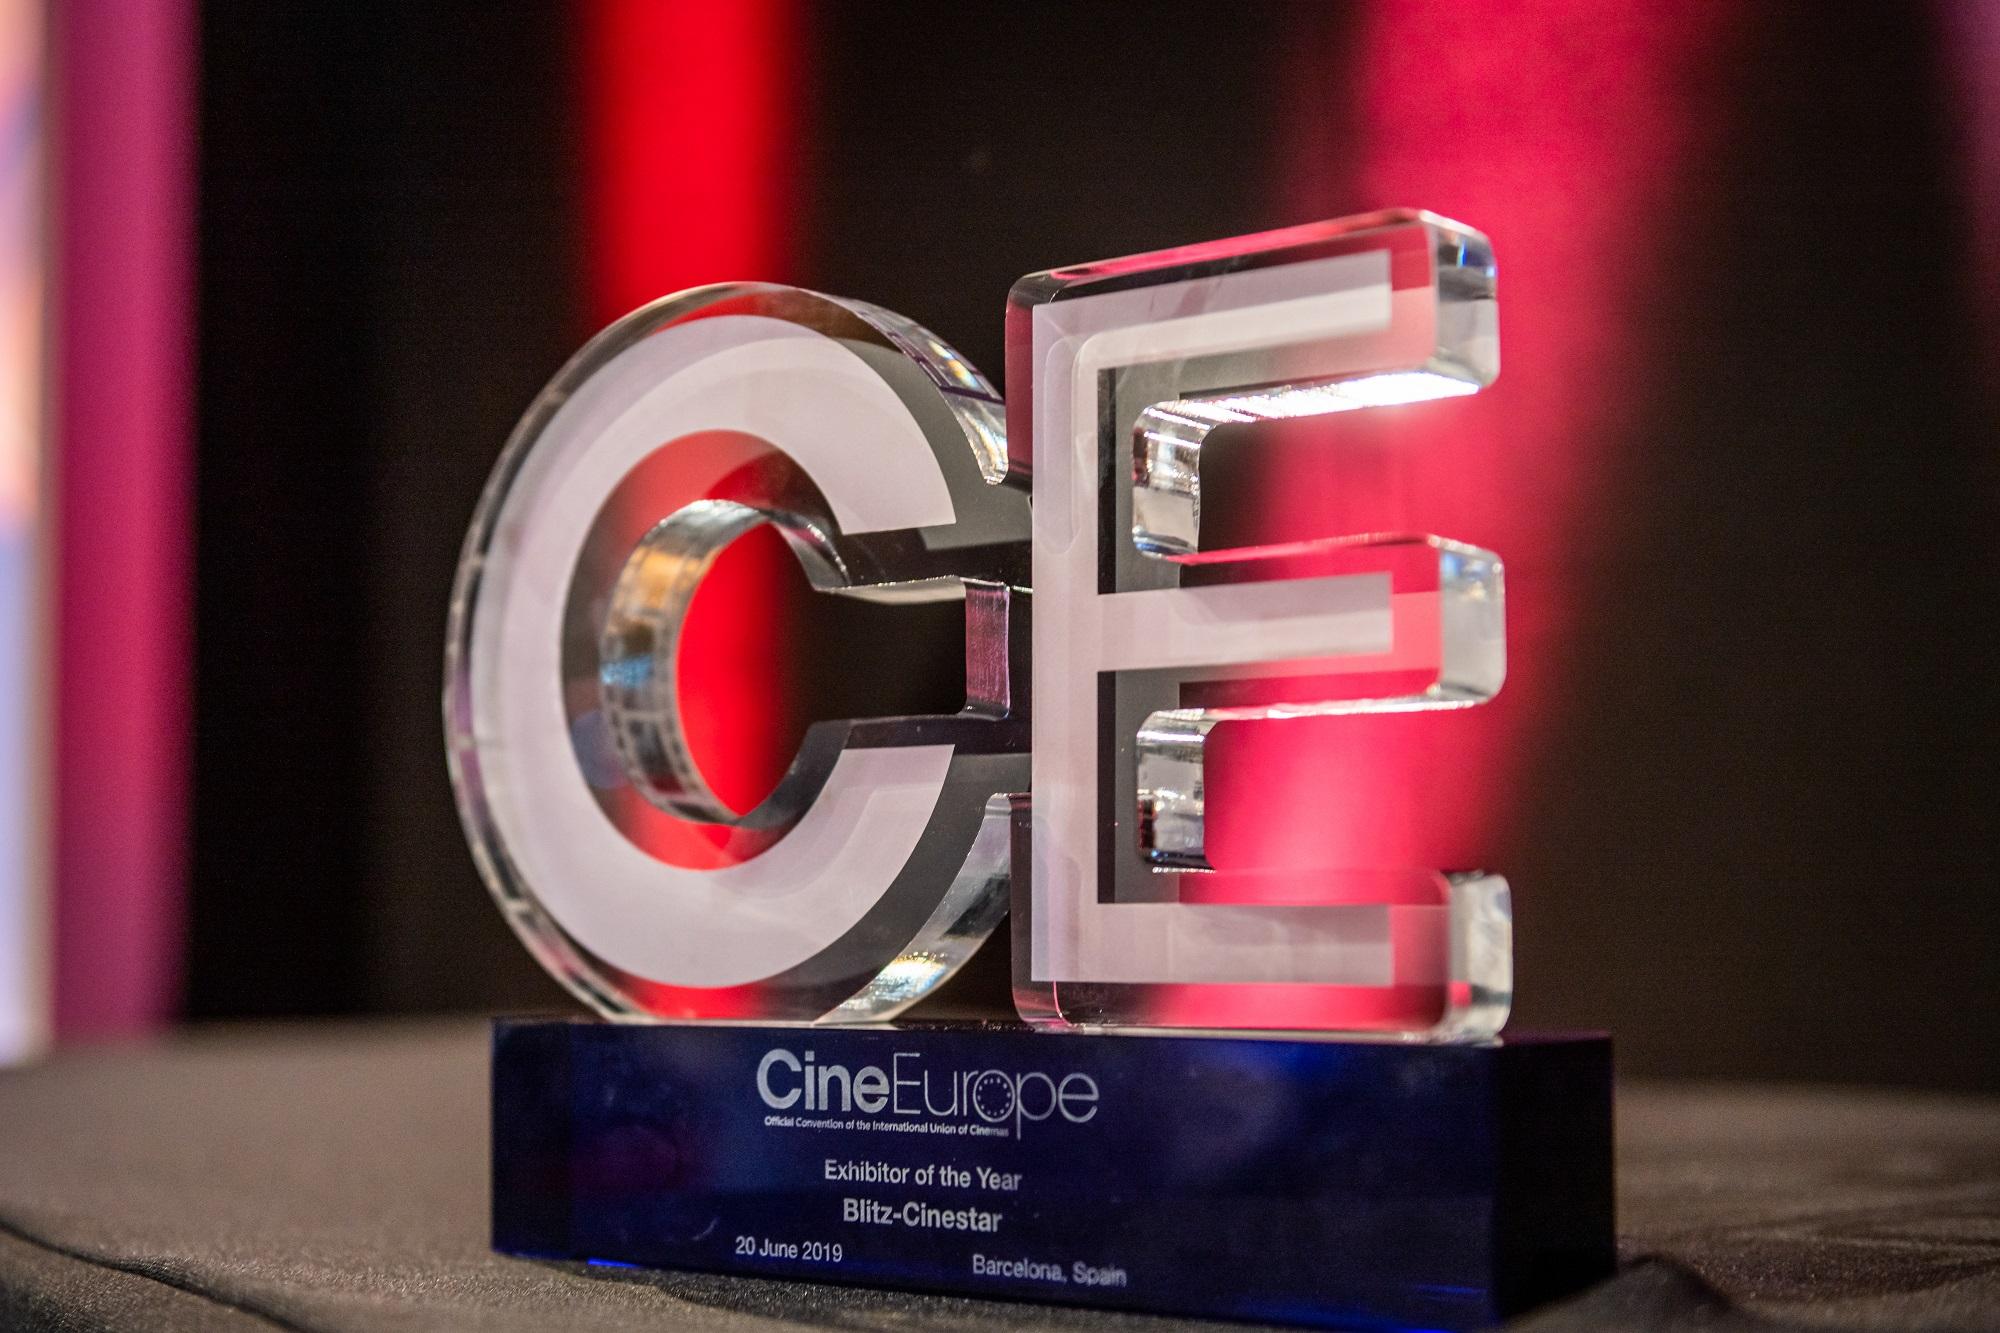 Blitz-CineStar najbolji kinoprikazivač u Europi u 2019. godini